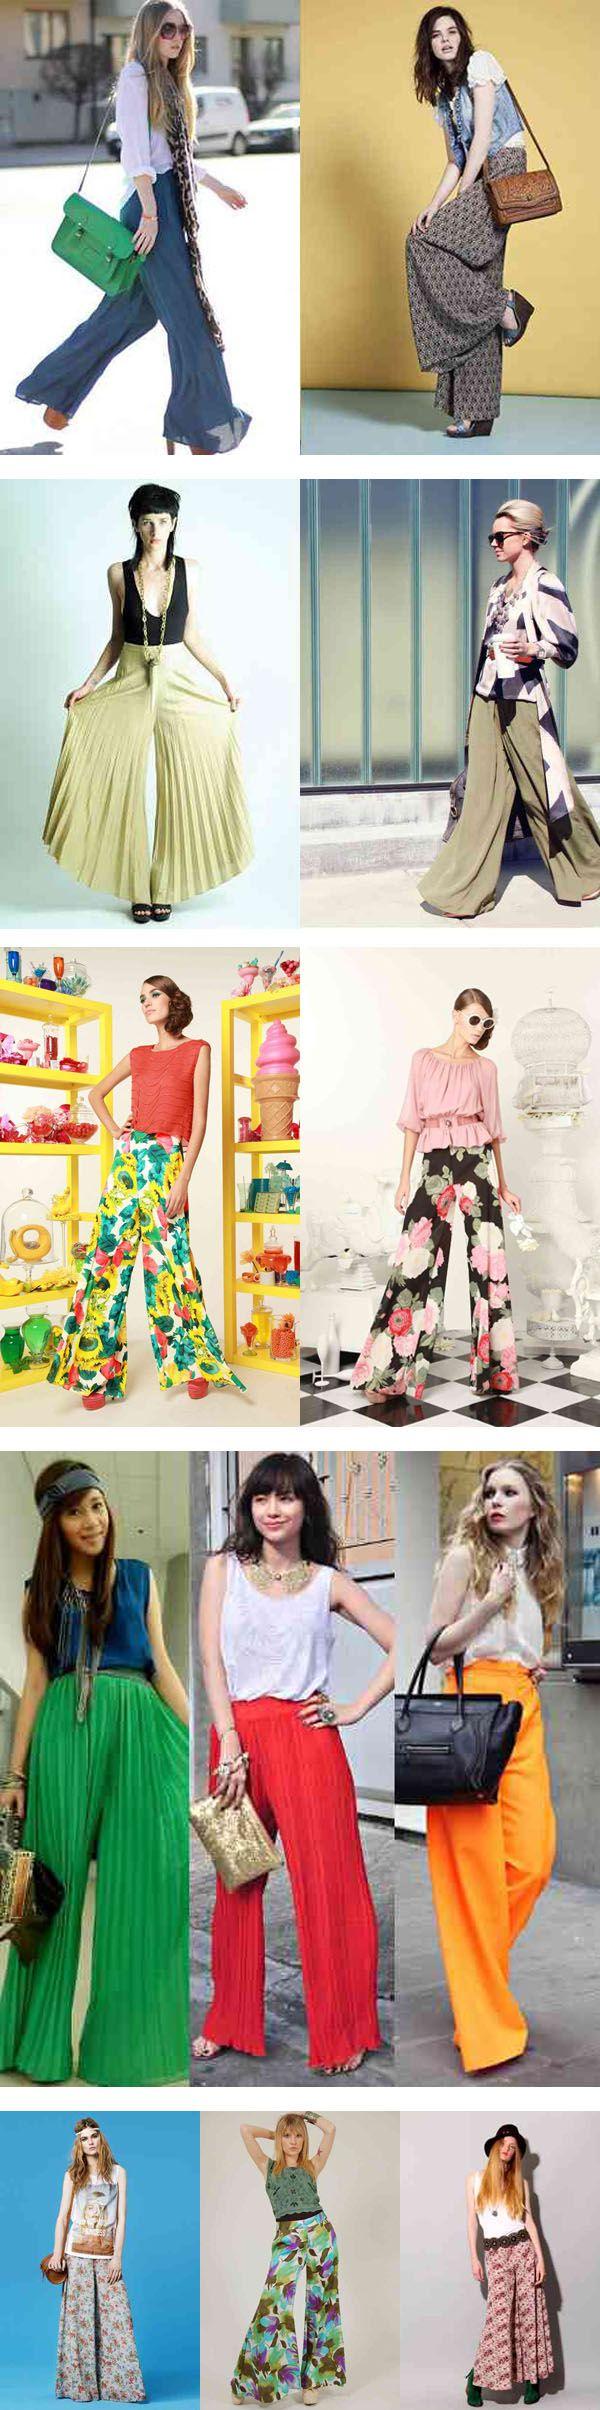 pantalones anchos que son una fuerte tendencia de la moda!  Además de ser En el verano de 2012/2013 prometen ser los pantalones dominantes, y